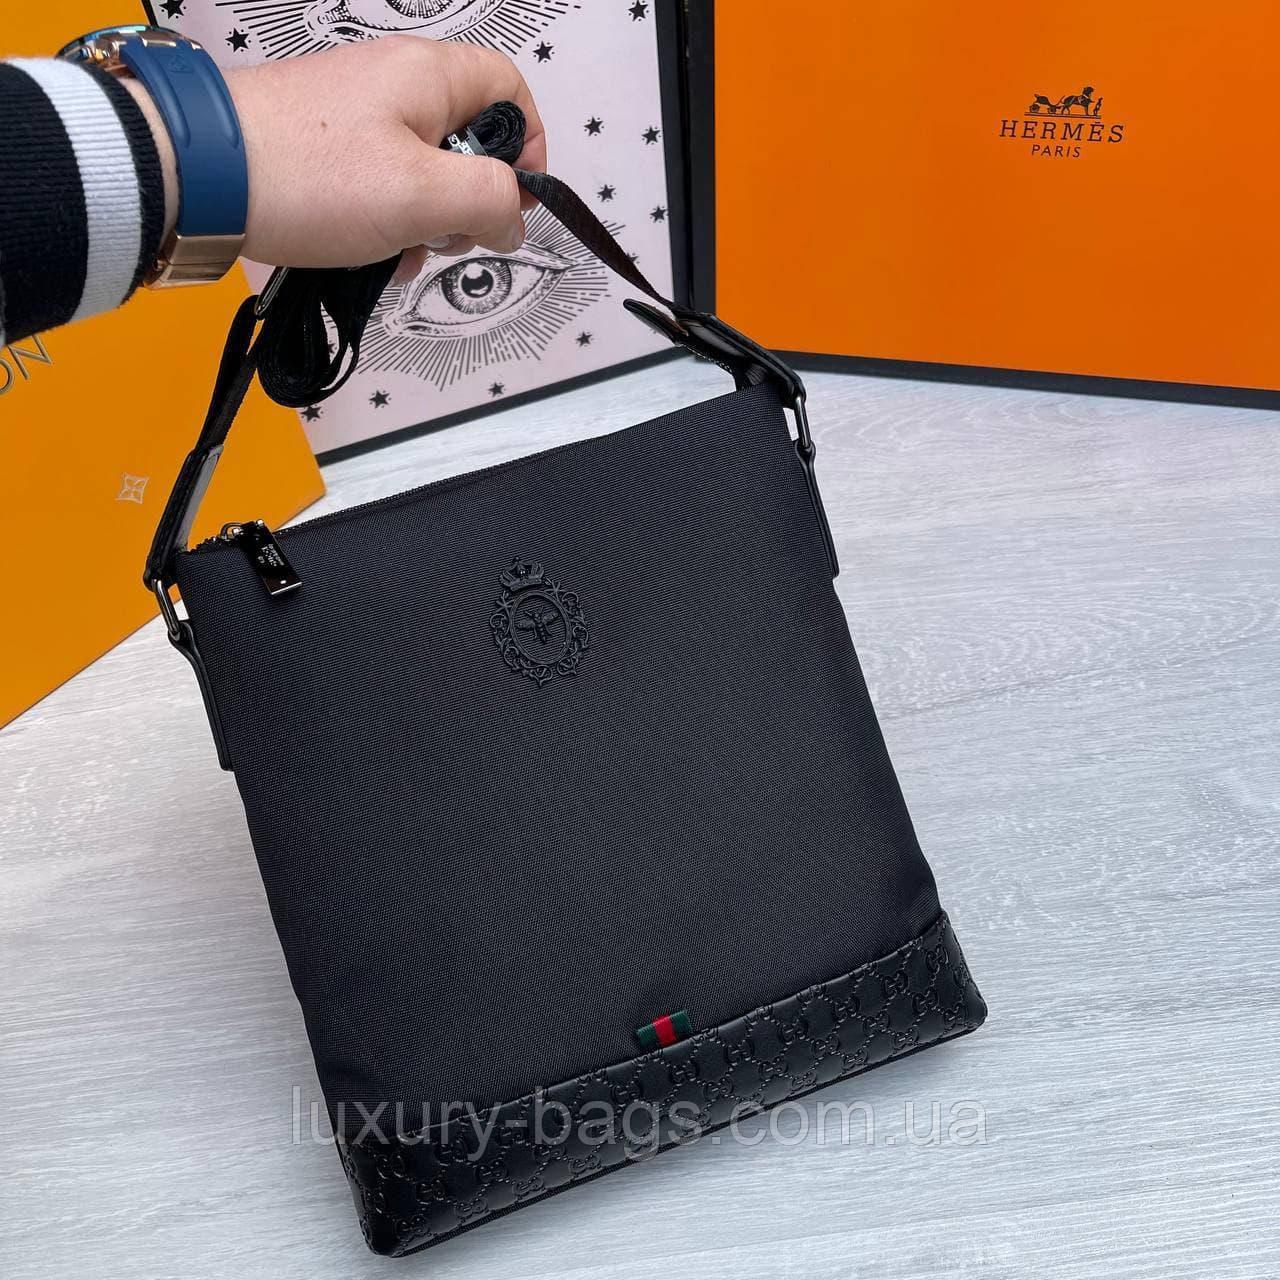 Качественная  мужская сумка через плечо Gucci